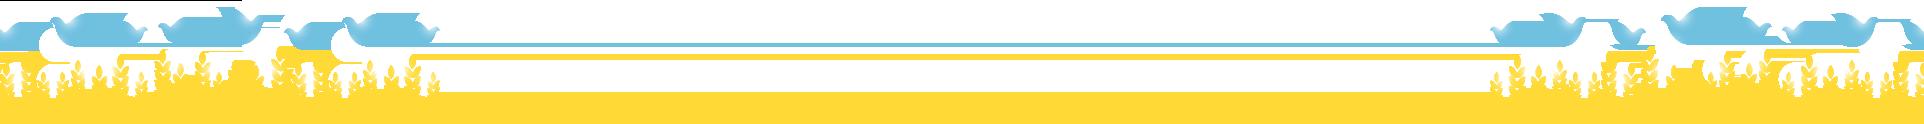 Магазин медицинской техники Baldinelli-1